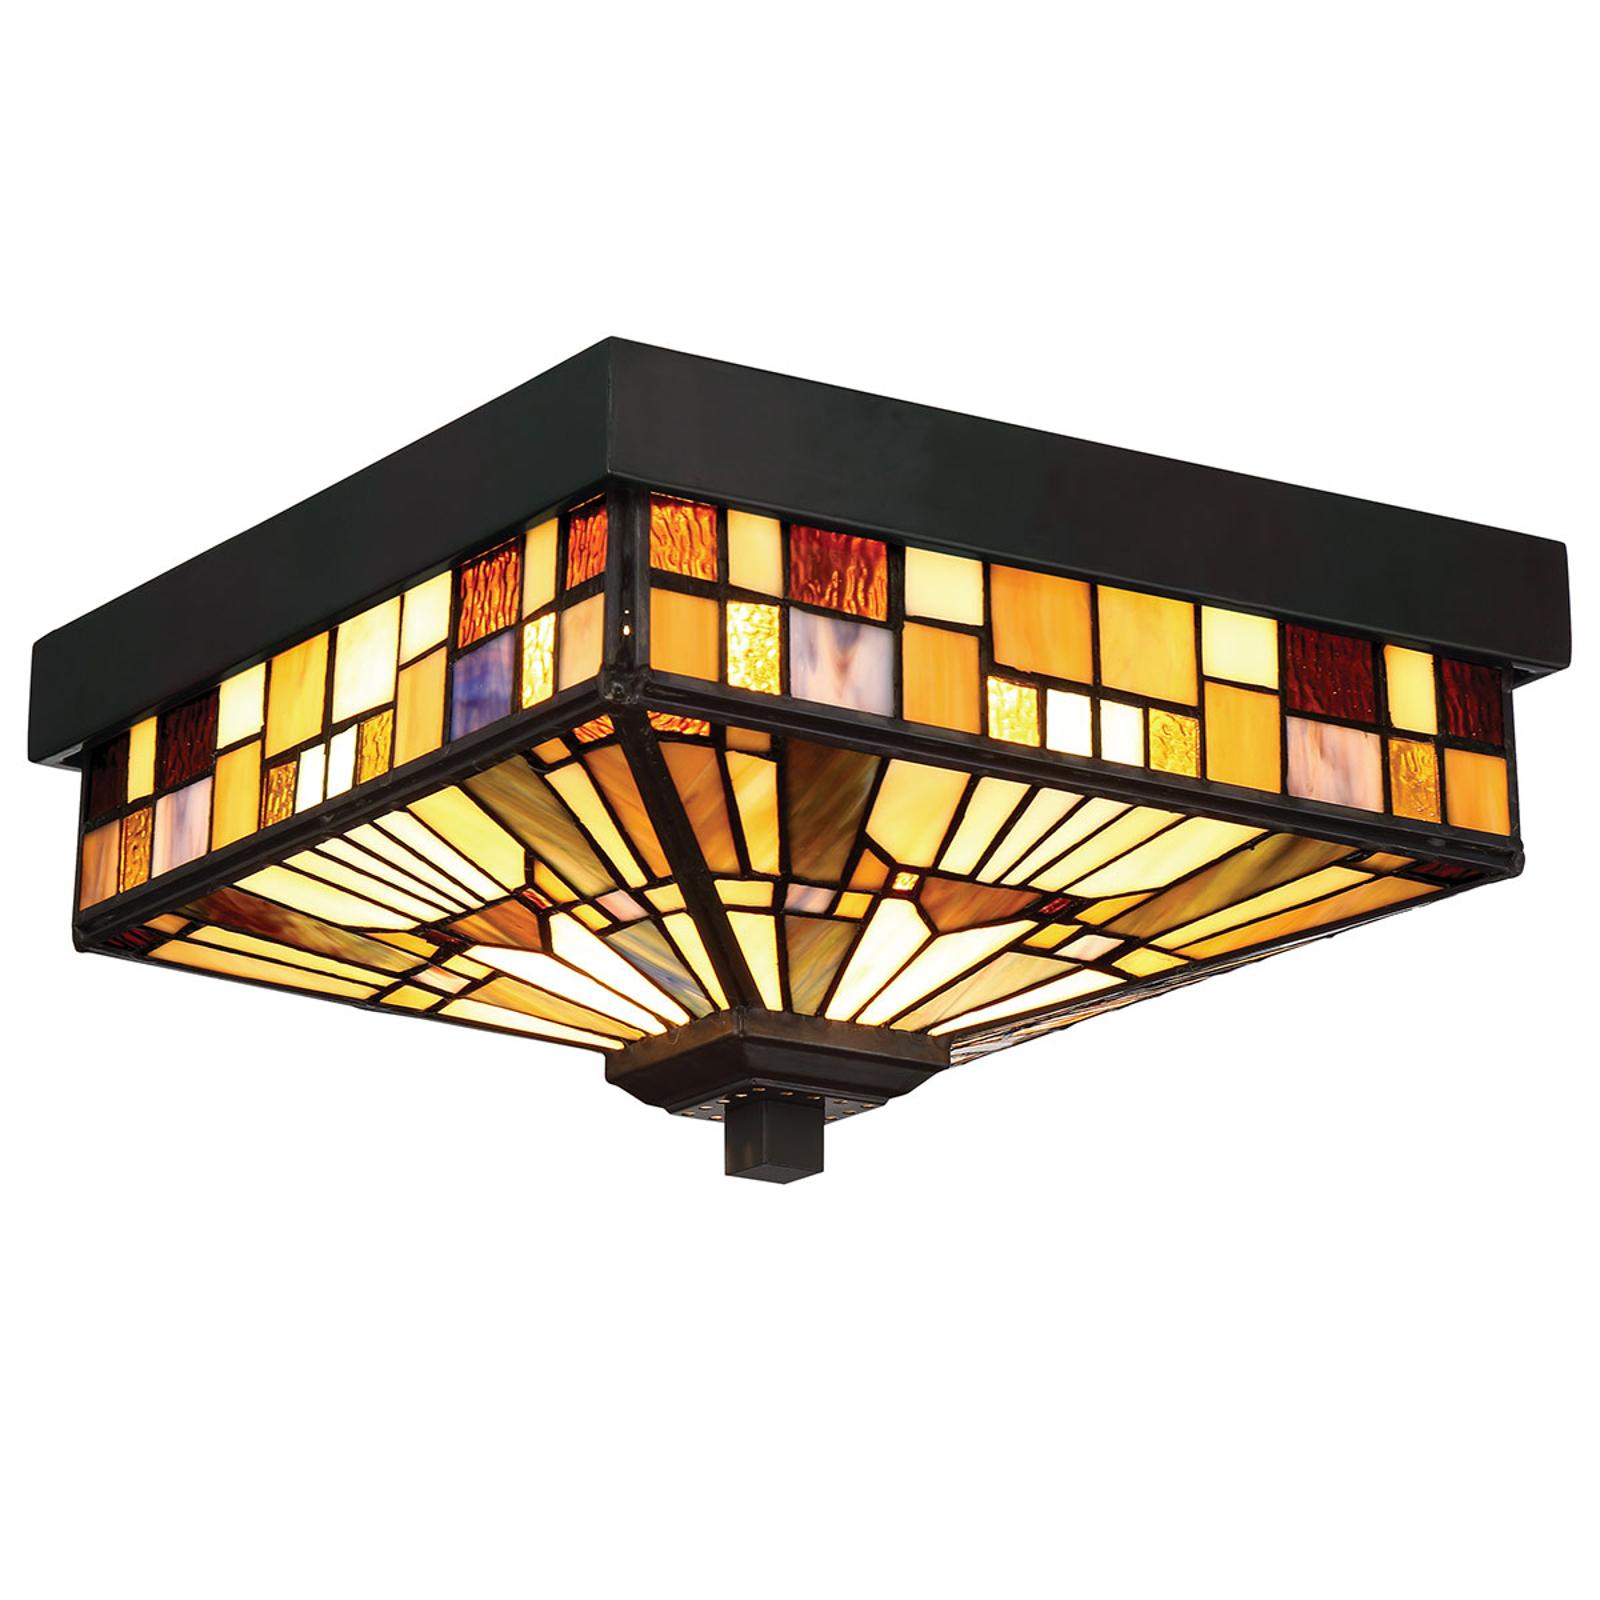 Inglenook utendørs taklampe med fargerik glass